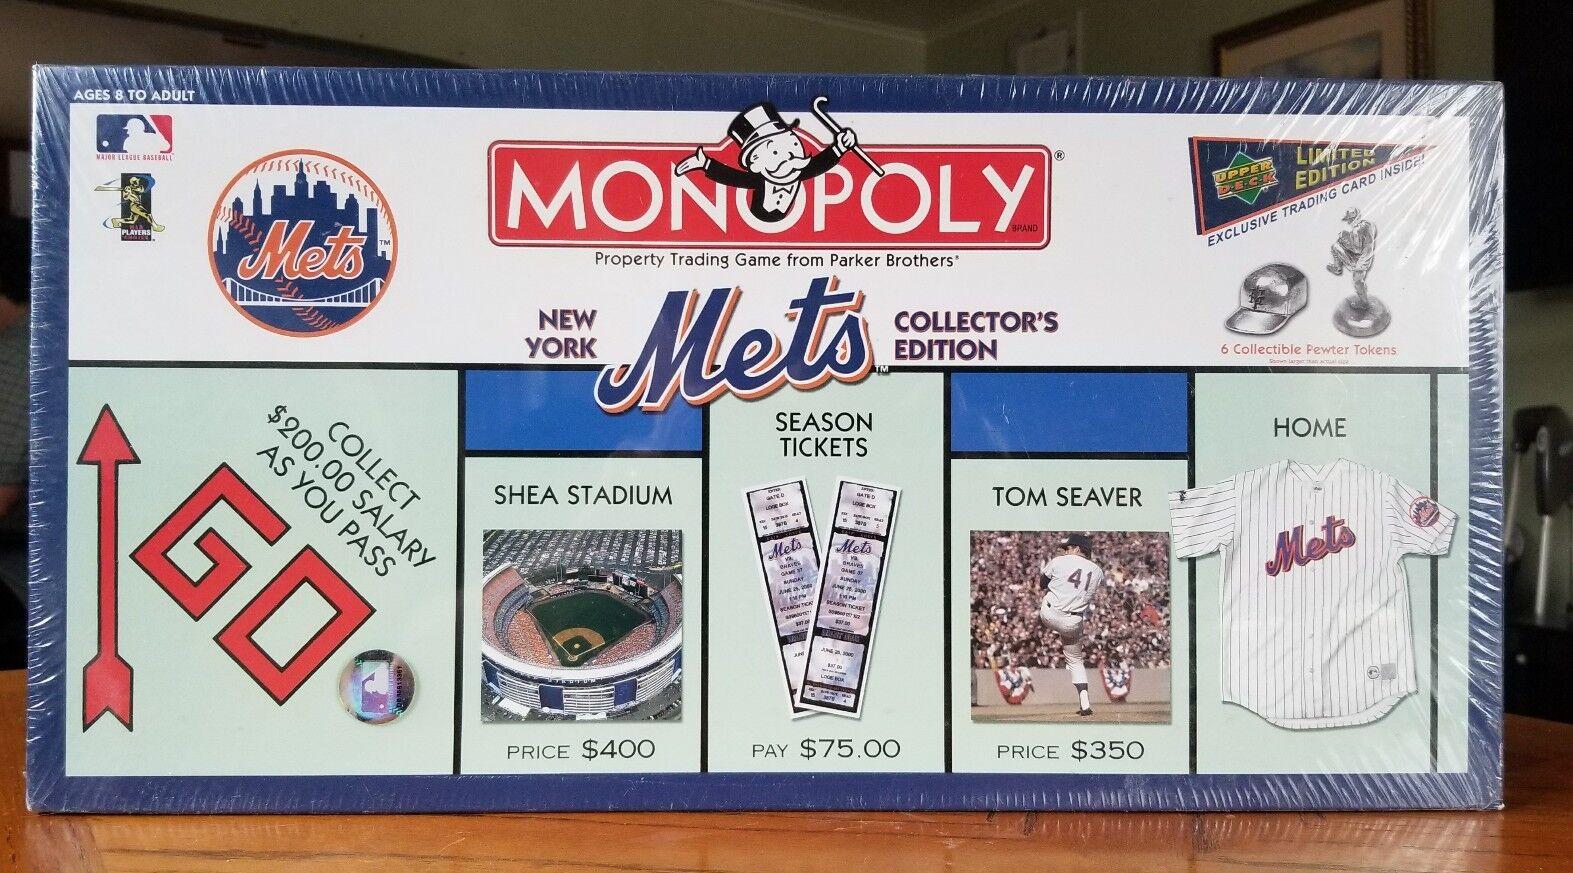 nuovo York Mets Collector's edizione Monopoly tavola gioco with Limited  edizione autod  prezzi bassi